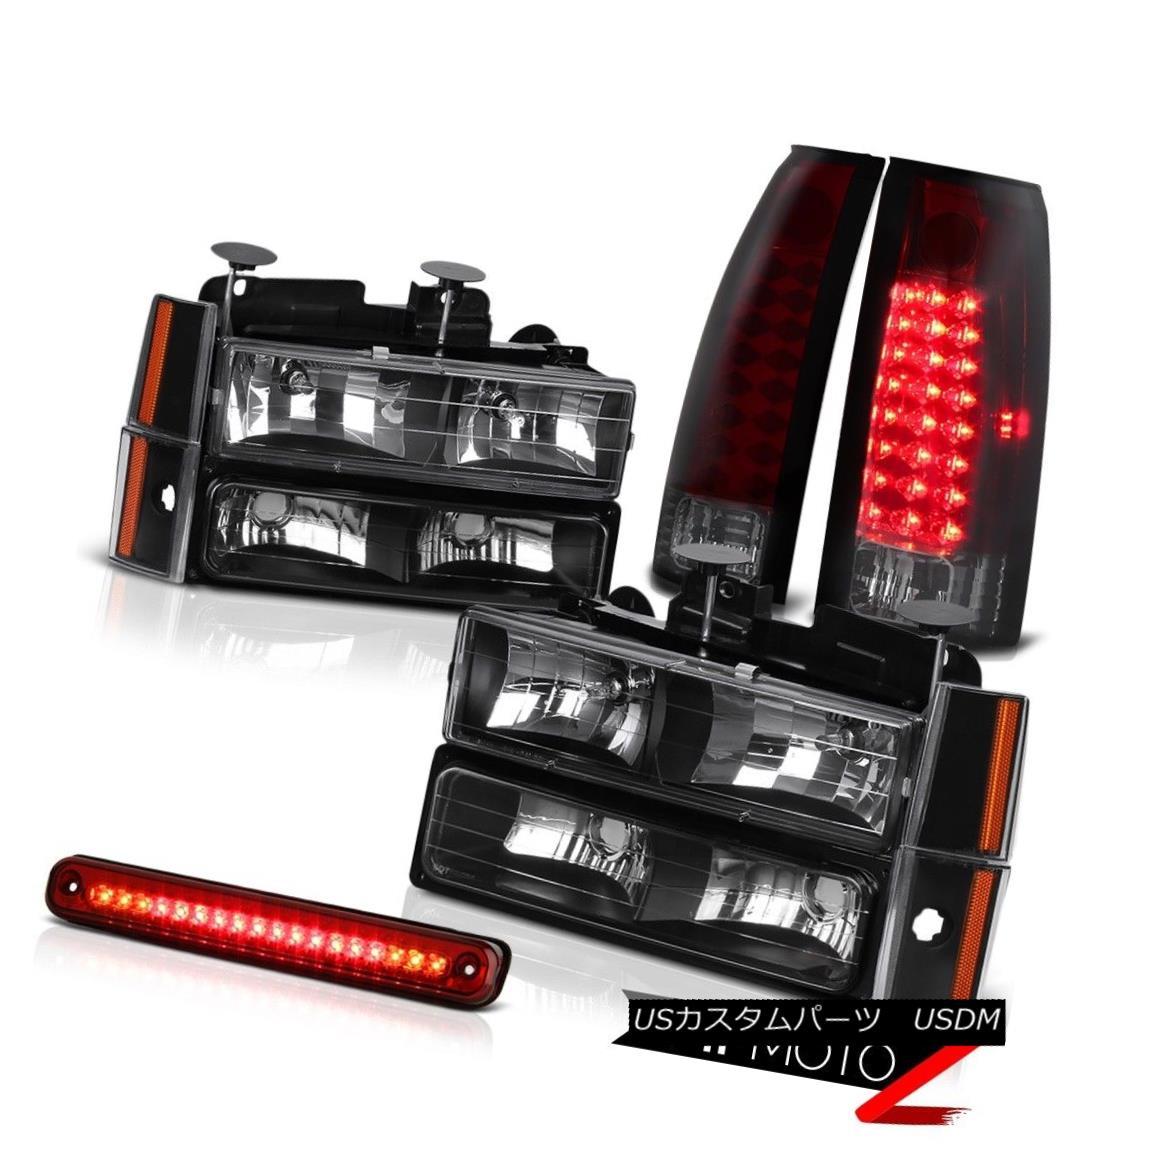 テールライト [CHERRY RED] Rear Brake Cab Cargo Tail Lights Corner Parking Headlight Chevy C/K [CHERRY RED]リアブレーキキャブ貨物テールライトコーナーパーキングヘッドライトChevy C / K